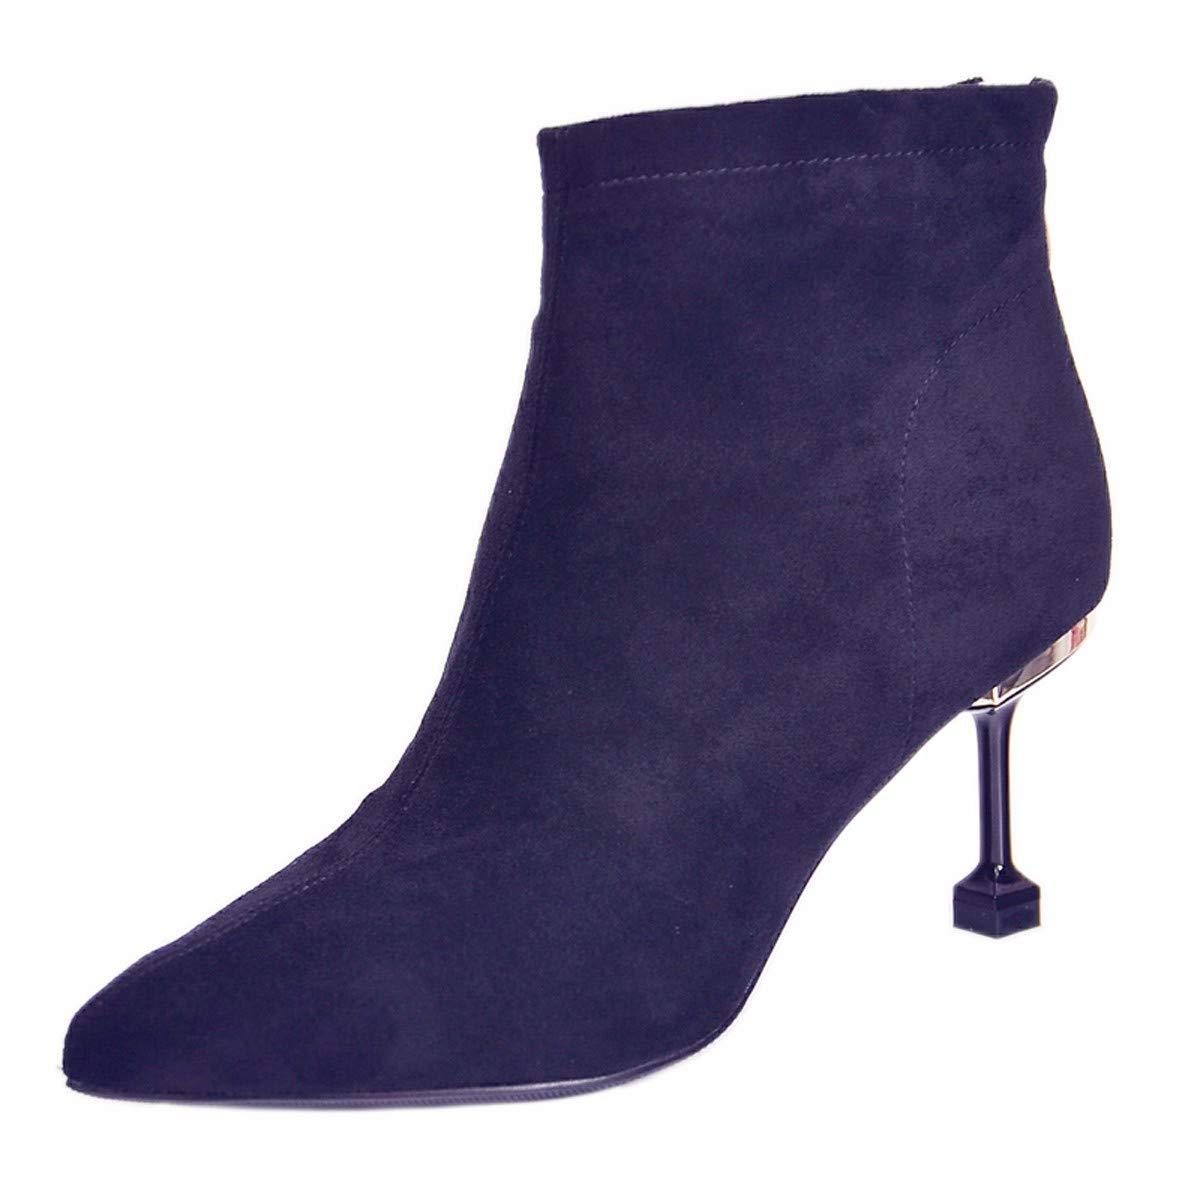 AJUNR Modische Arbeit Damenschuhe Kurze Stiefel mit hohen 7cm Mode scharfen dünnen sexy Katze und Mode Stiefel